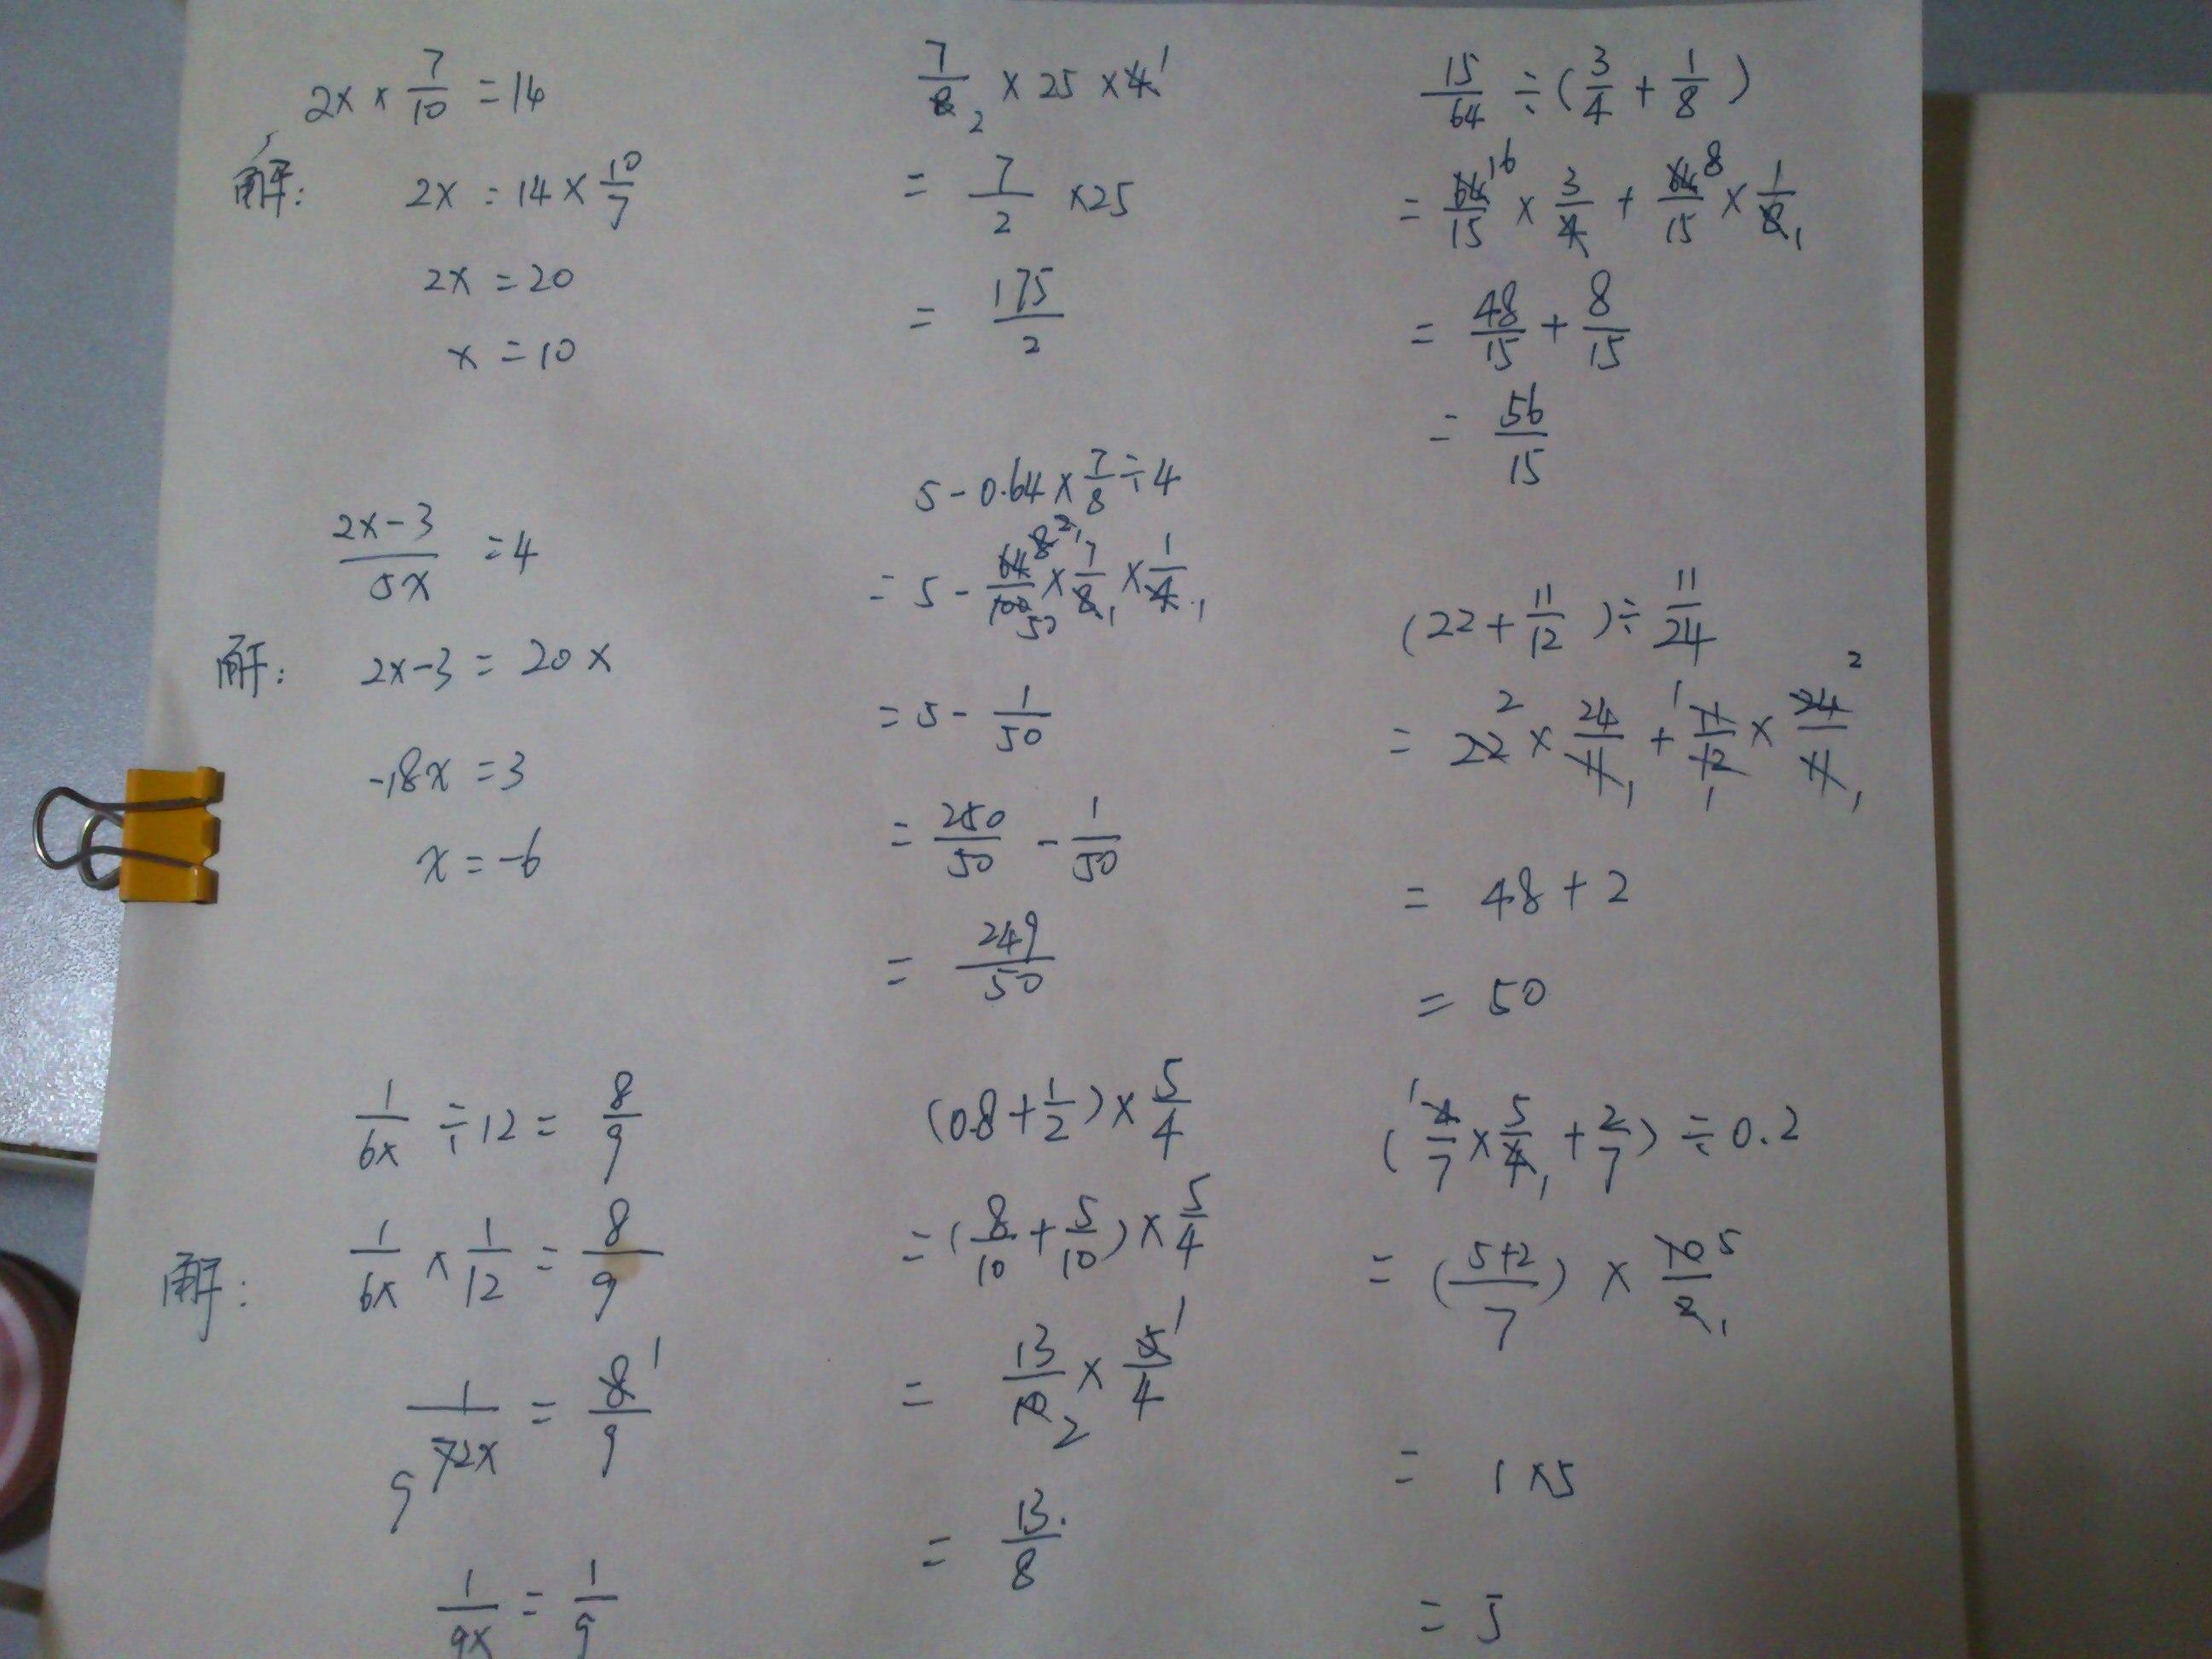 解方程+脱式计算图片